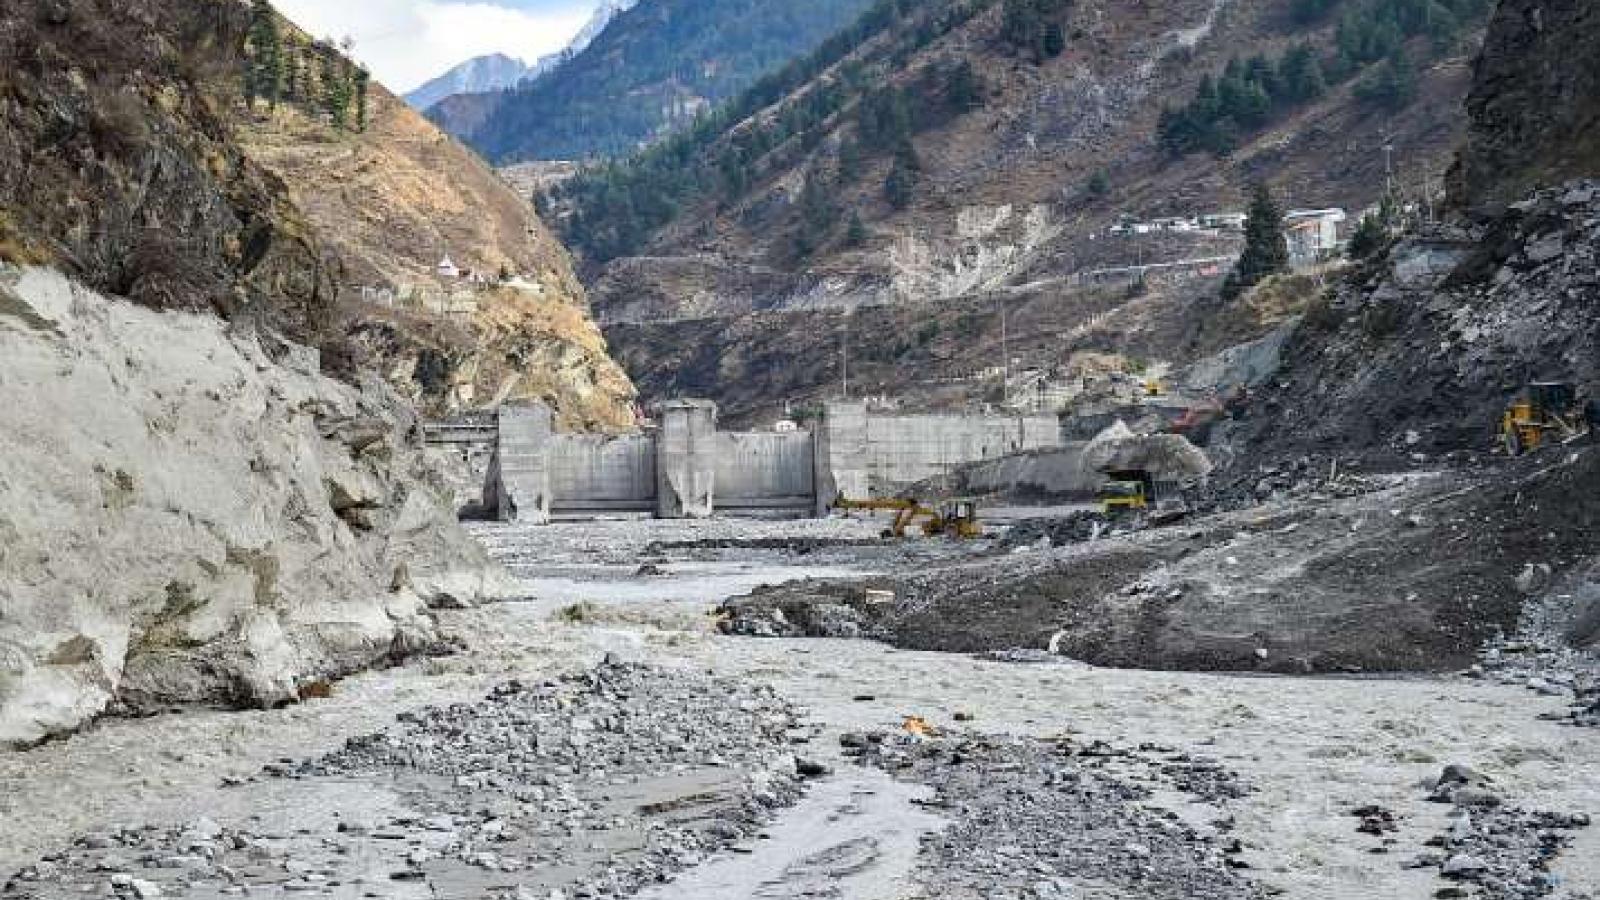 Ấn Độ tiếp tục tìm kiếm trong vô vọng các nạn nhân mất tích trong thảm họa vỡ sông băng